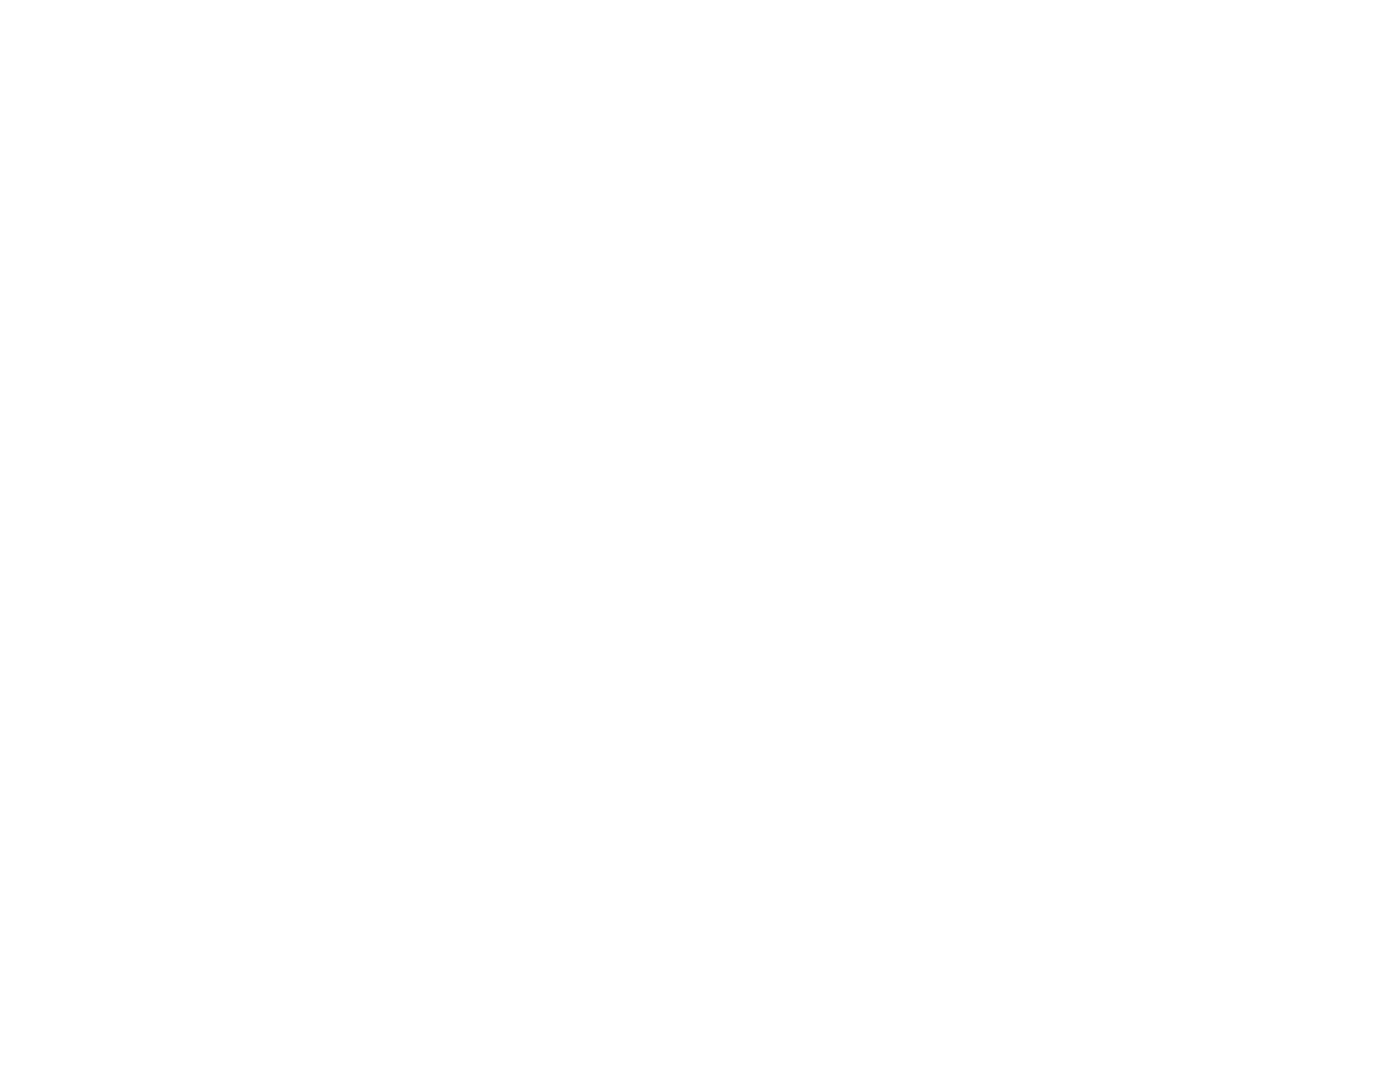 Oculus Airborne Sensoring